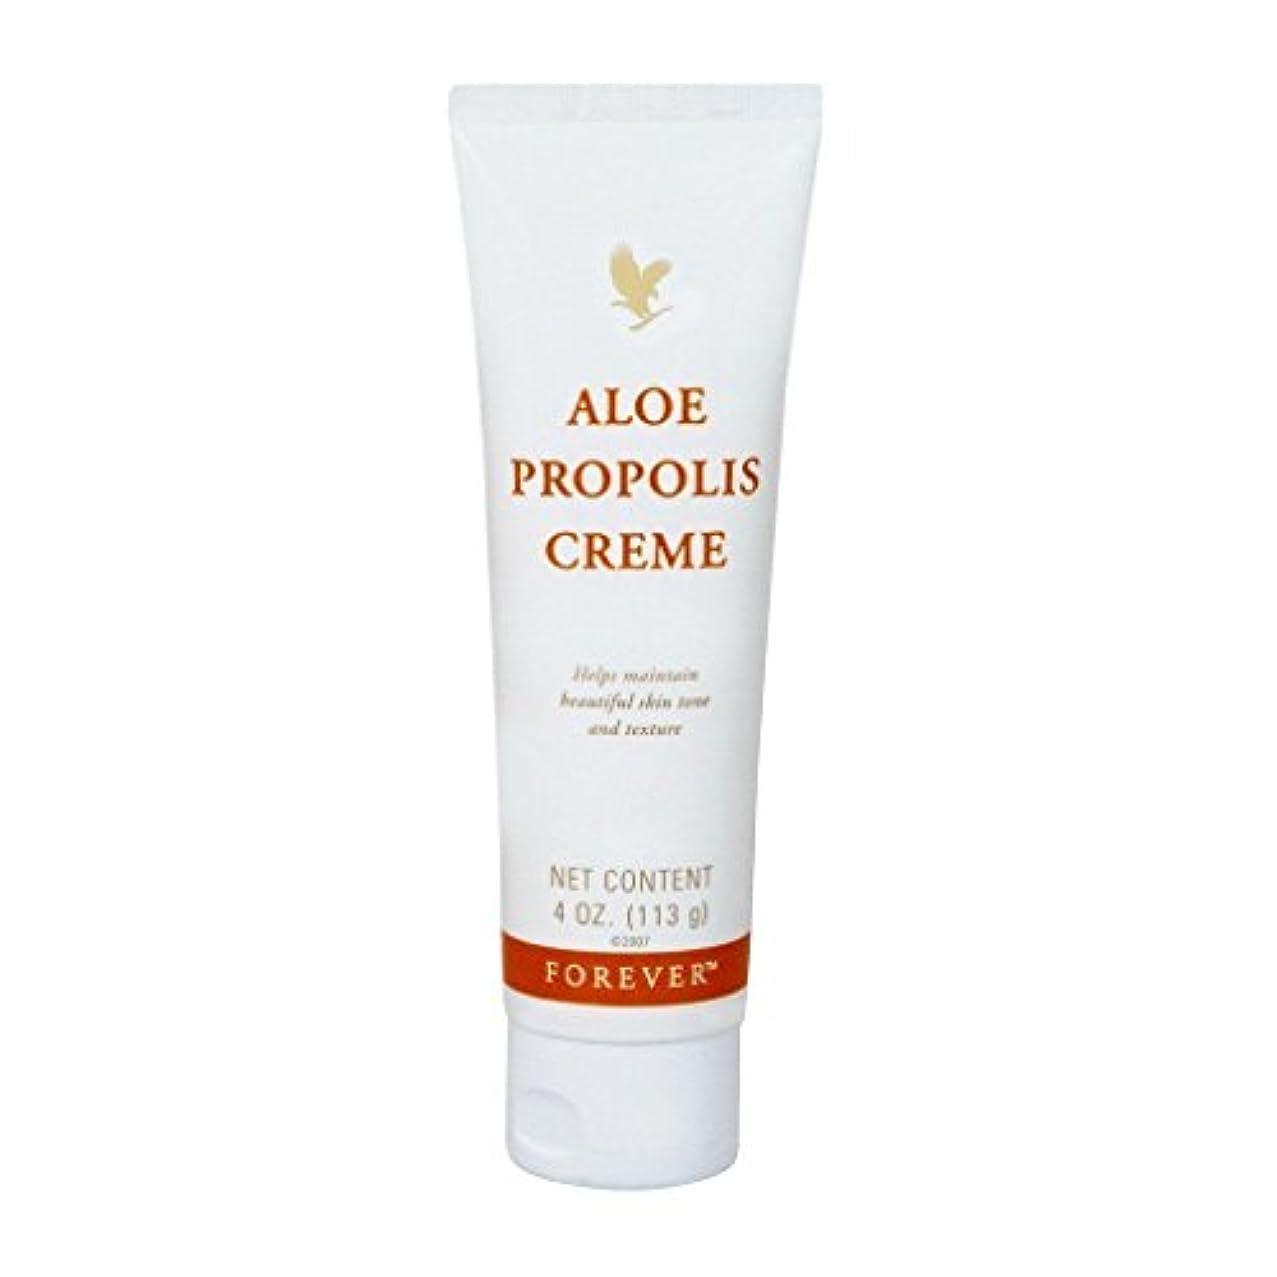 ハッチ解く共産主義者Aloe Propolis Creme 113g